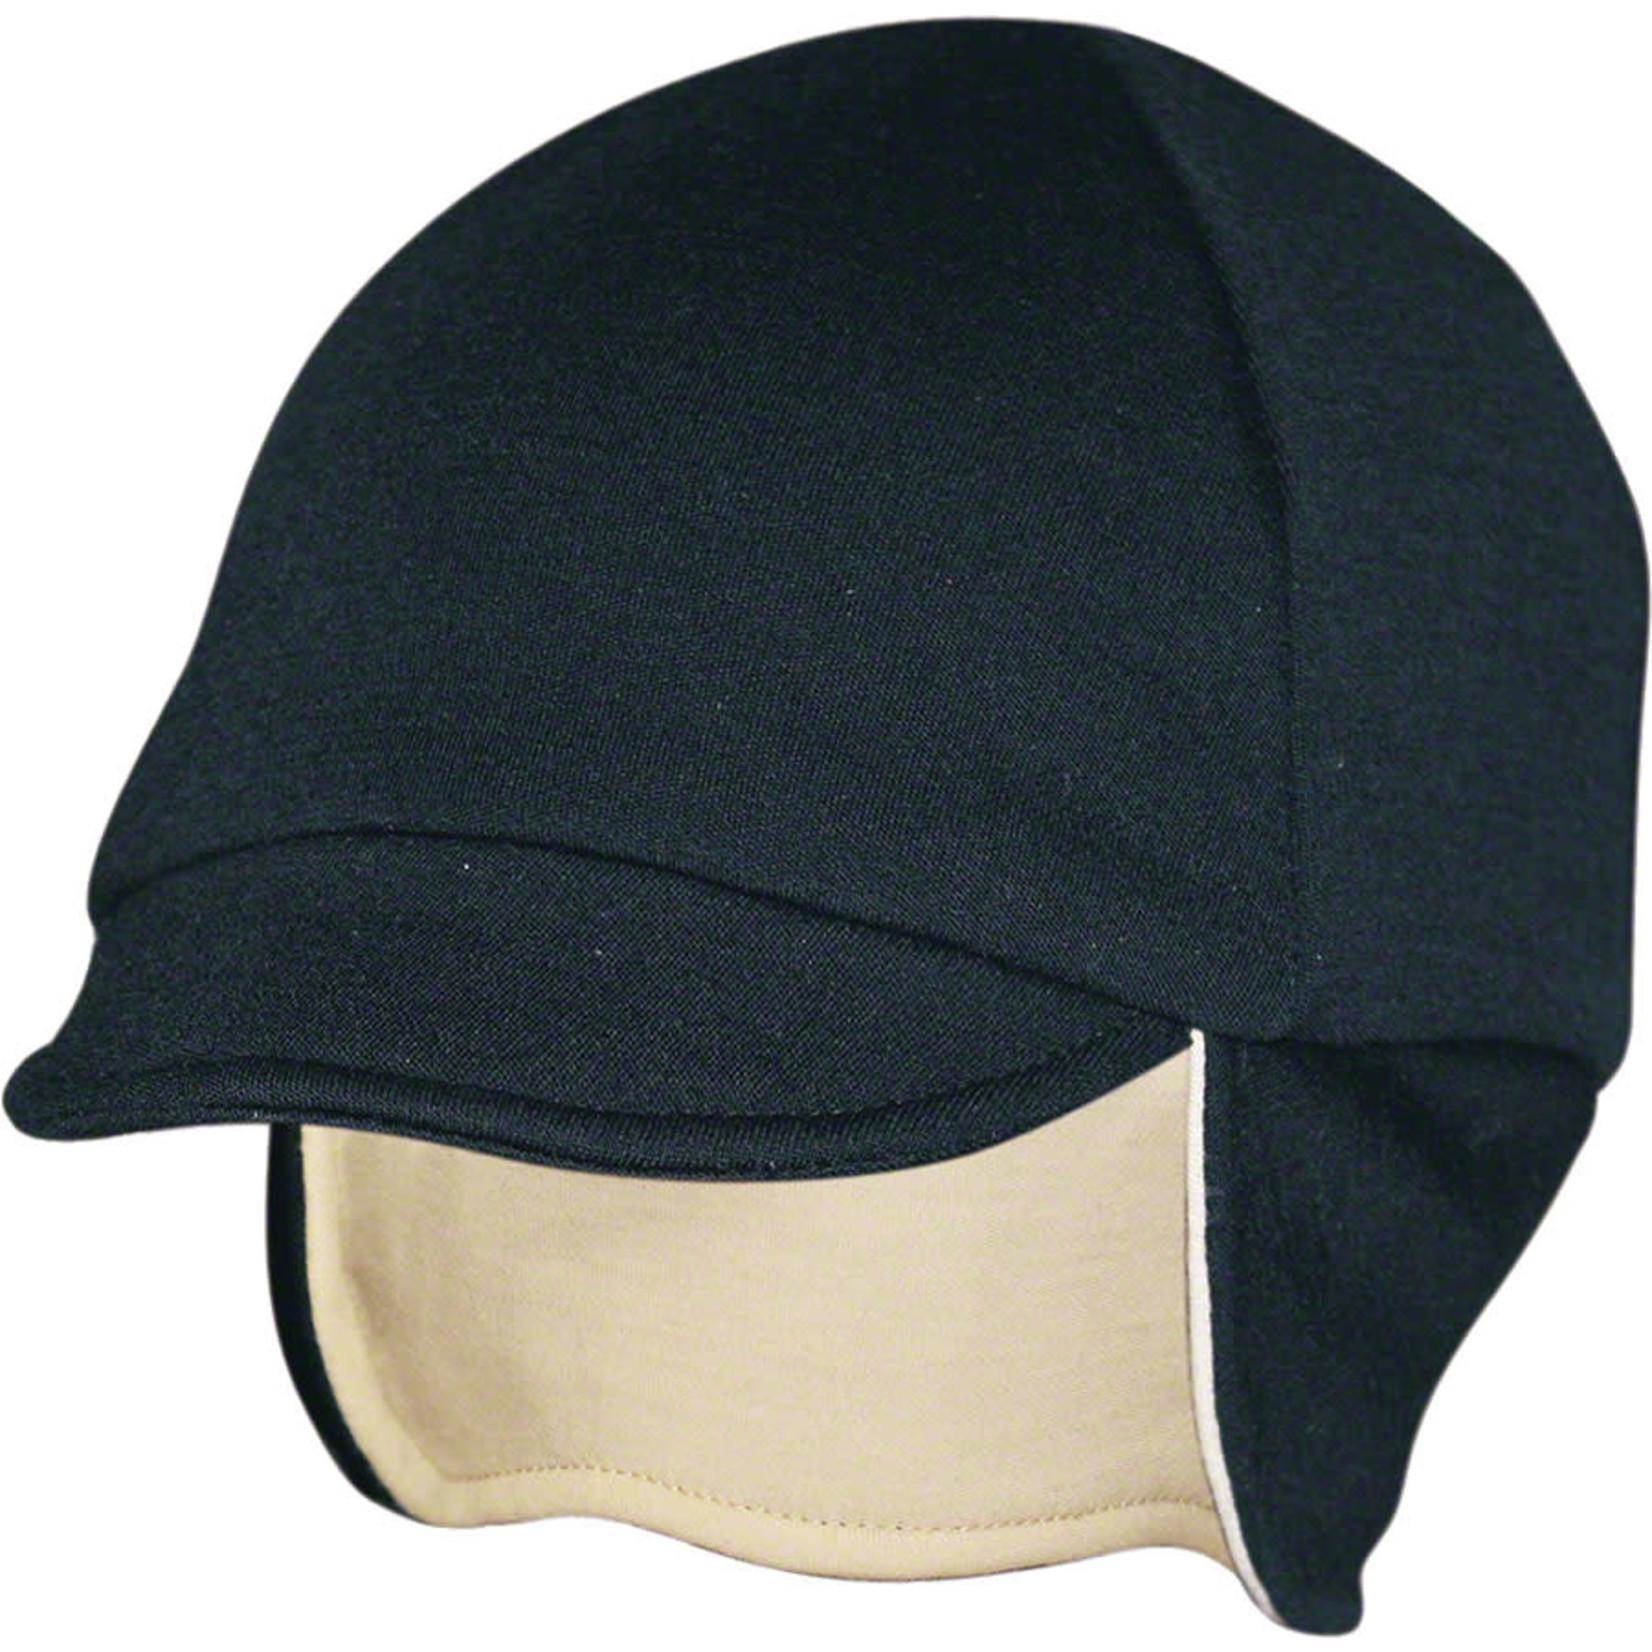 Pace Sportswear Pace Sportswear Reversable Merino Wool Cap: Eggshell/Black